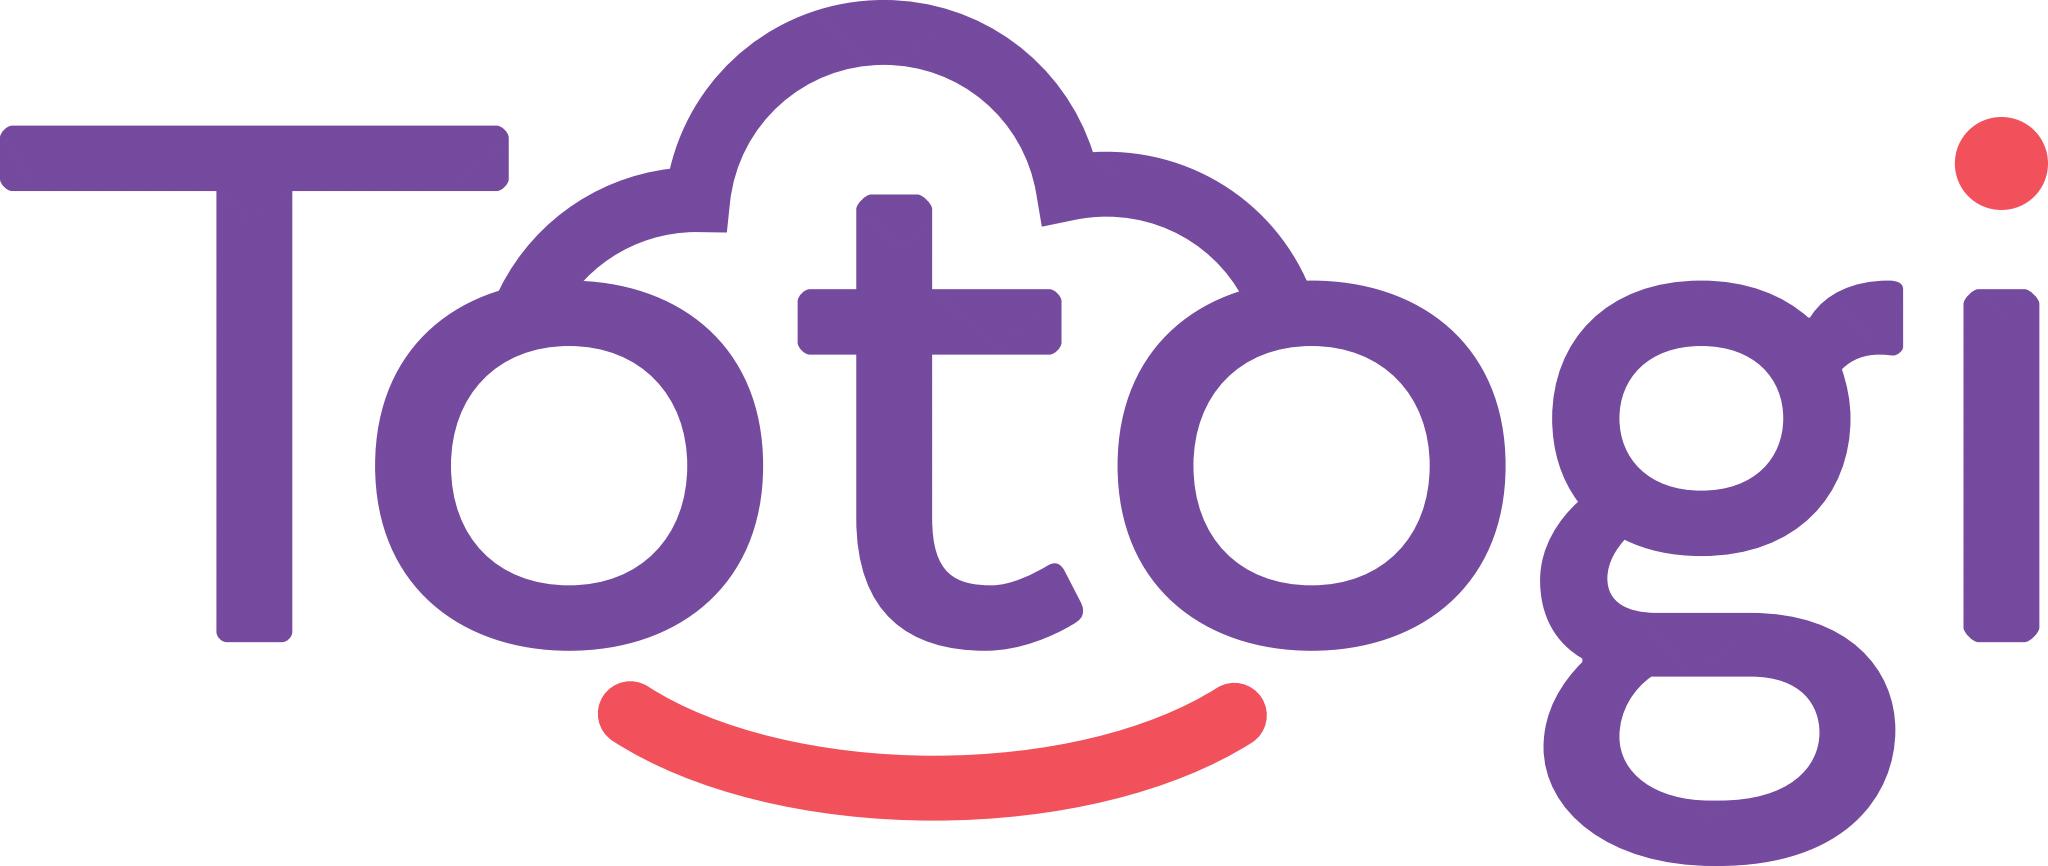 Totogi